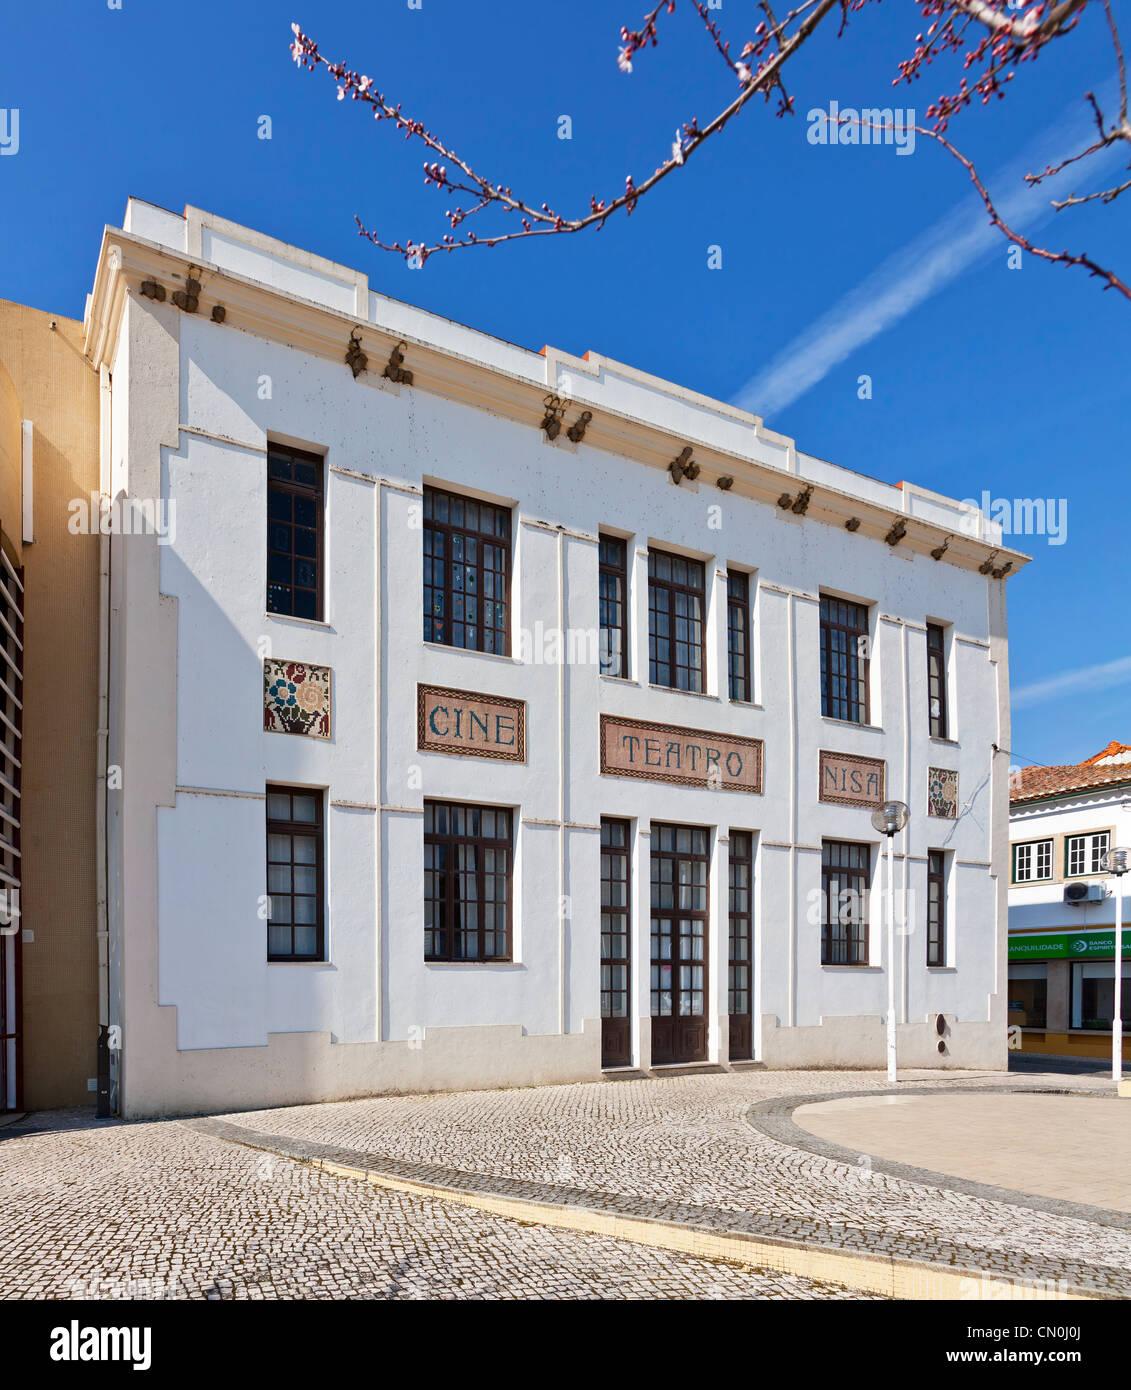 El Cine-Teatro (cine y teatro) de Nisa. Nisa, Portugal. Imagen De Stock